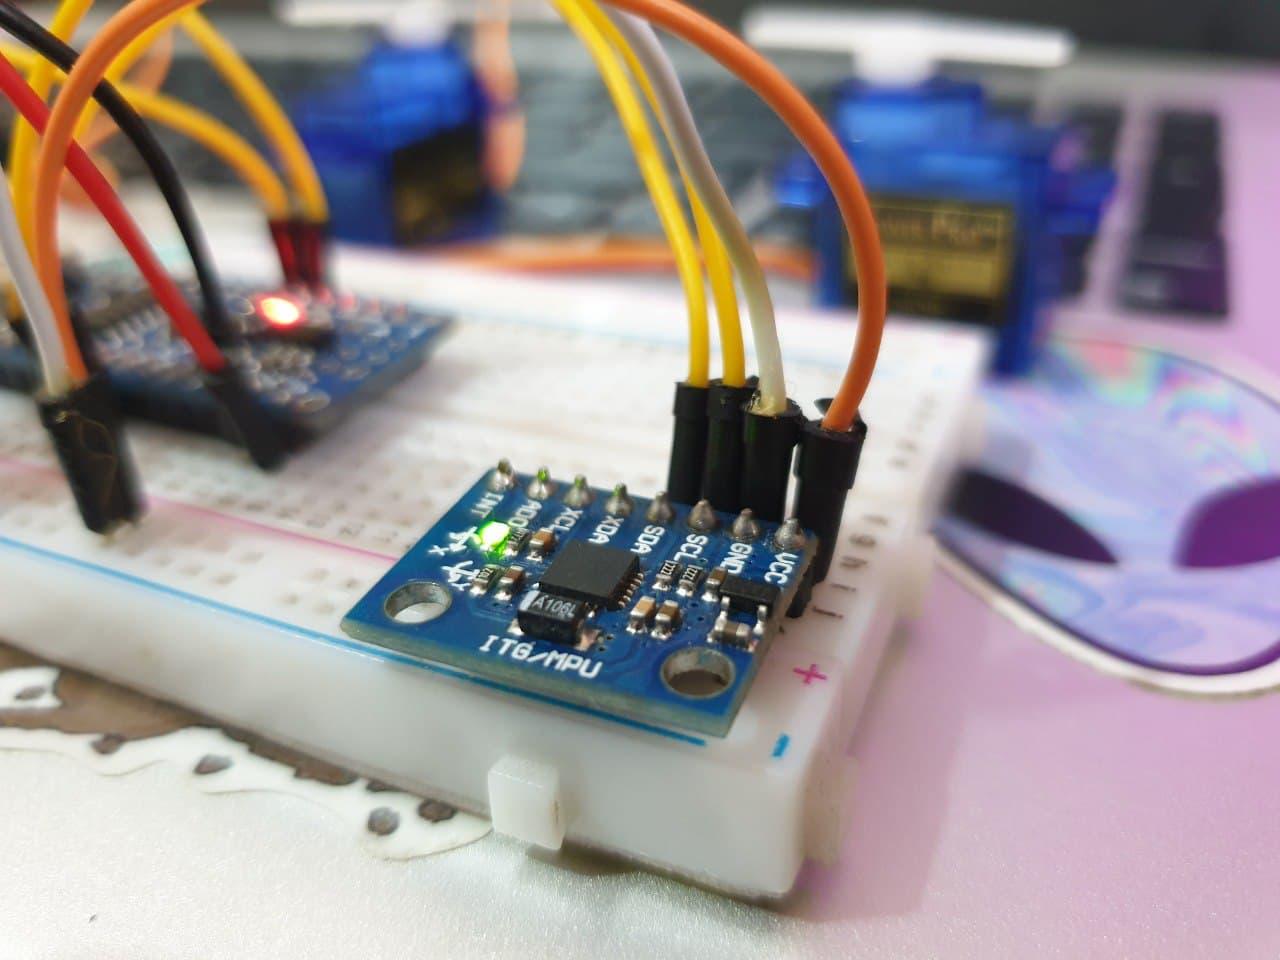 کنترل سرو با ماژول MPU6050 ژایرو - دیجی اسپارک